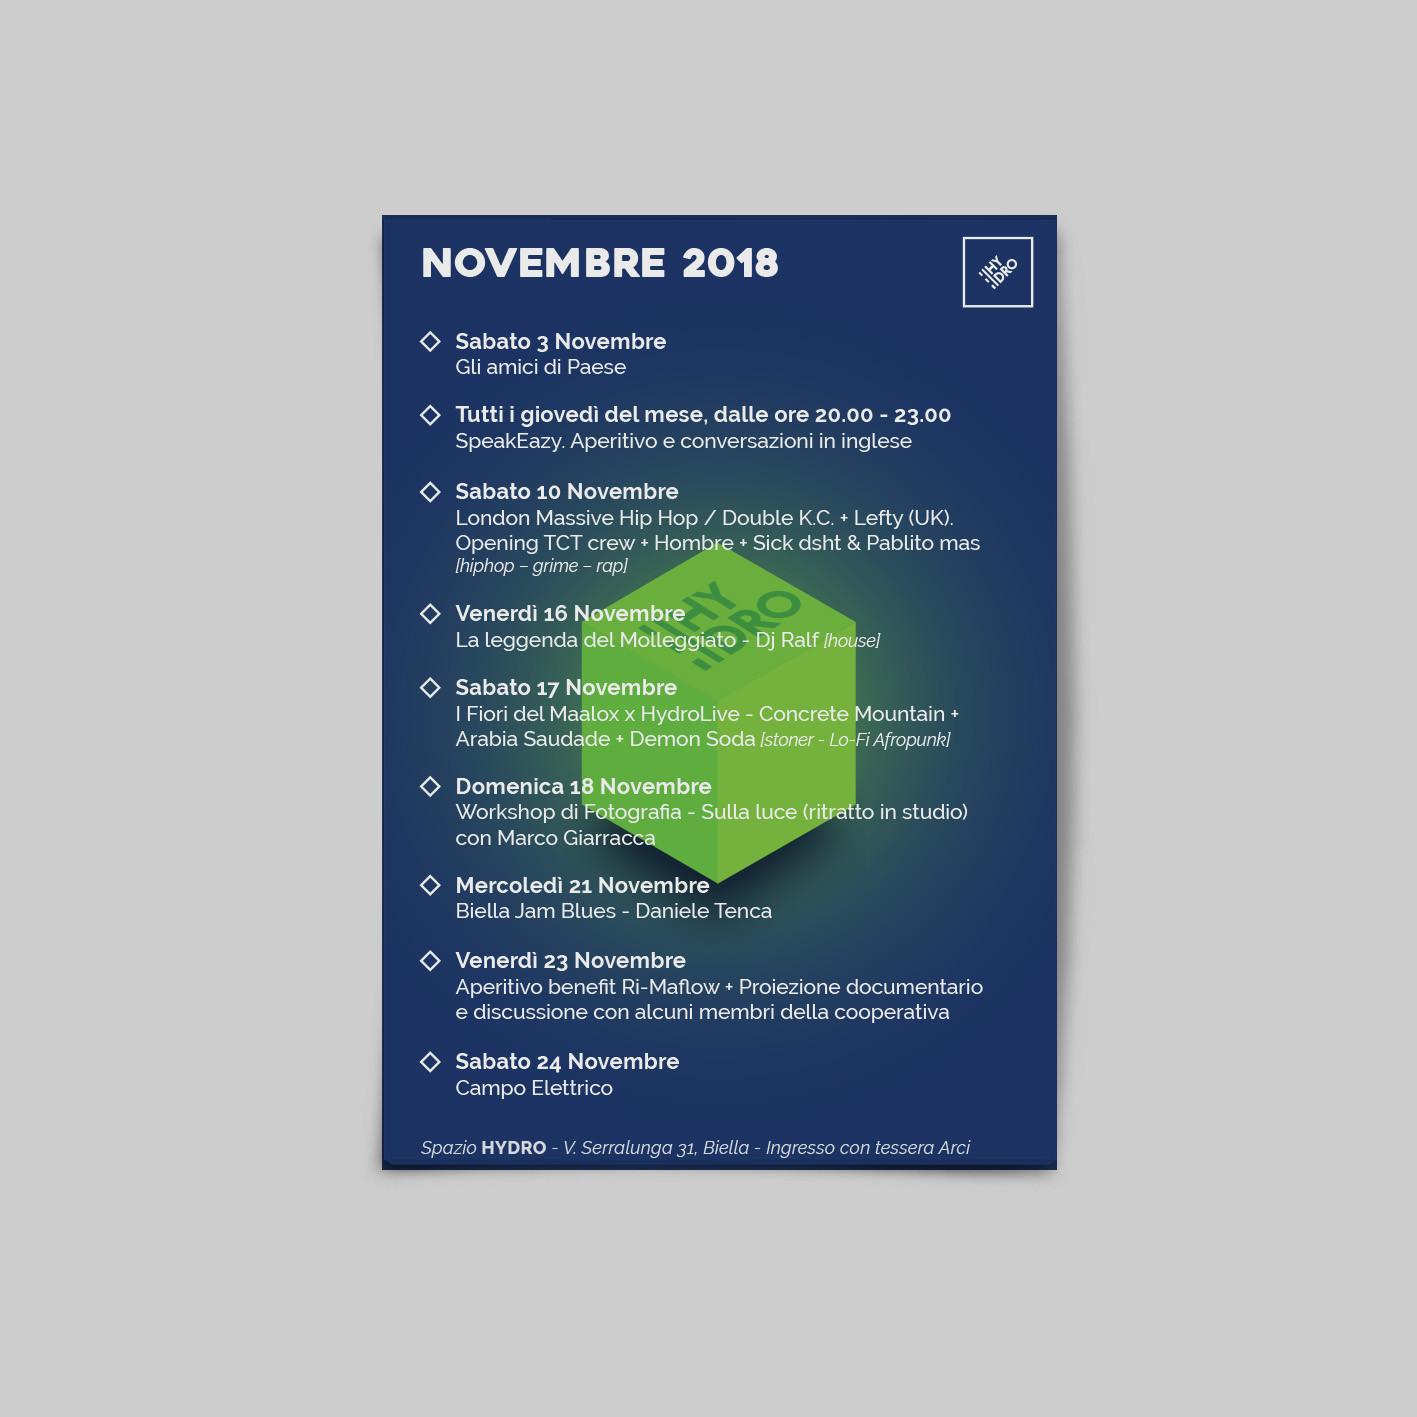 hydro novembre.JPG